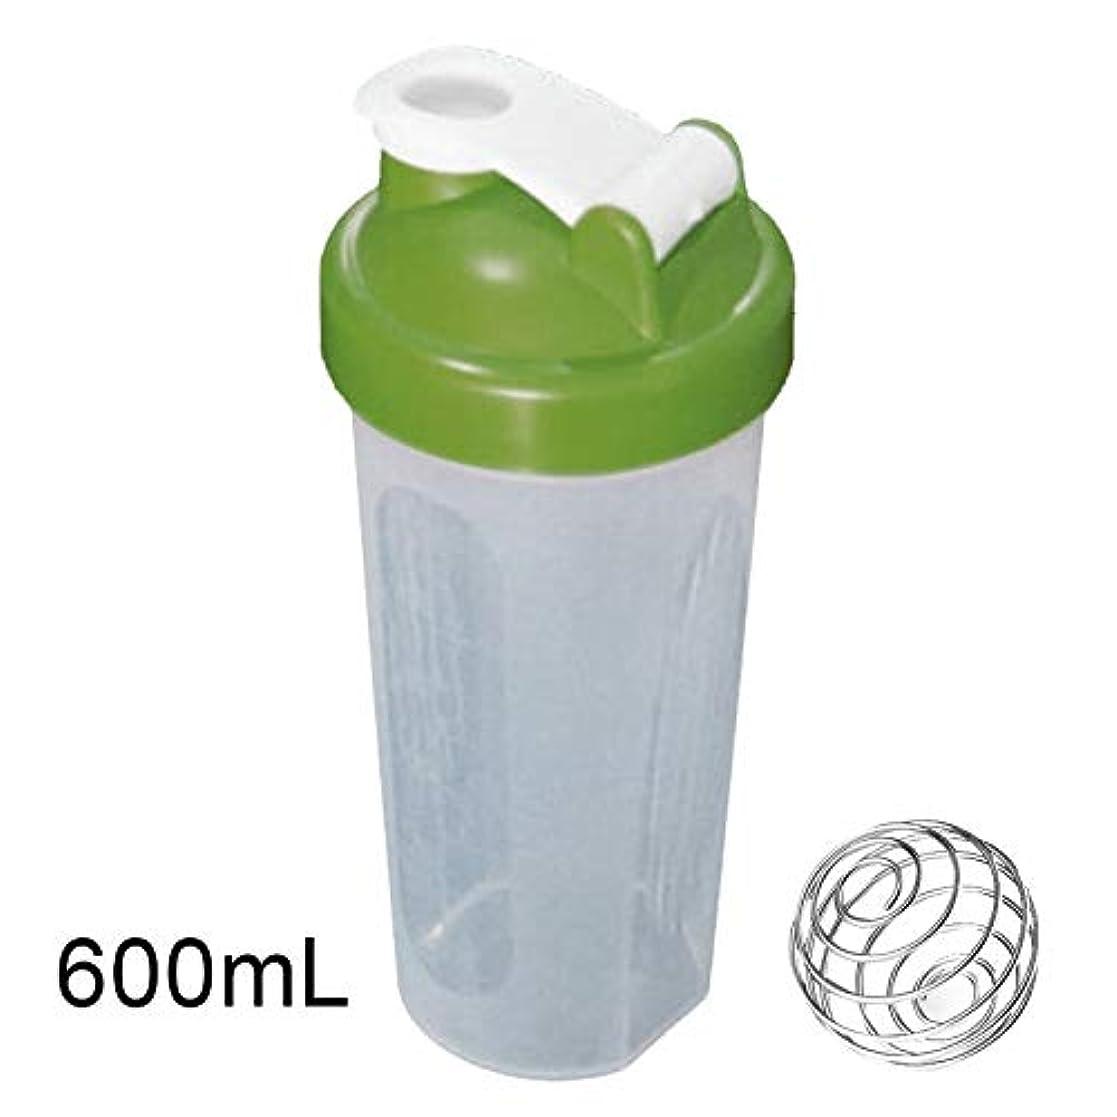 ヘルパーブレンド真面目なSweetiChic シェイクザカップ 400/600ミリリットル プロテインパウダーミキシングカップ 封印 漏れ防止 シェイクボトル攪拌ボール プロテインパウダーミキシング 飲料水ジュース用